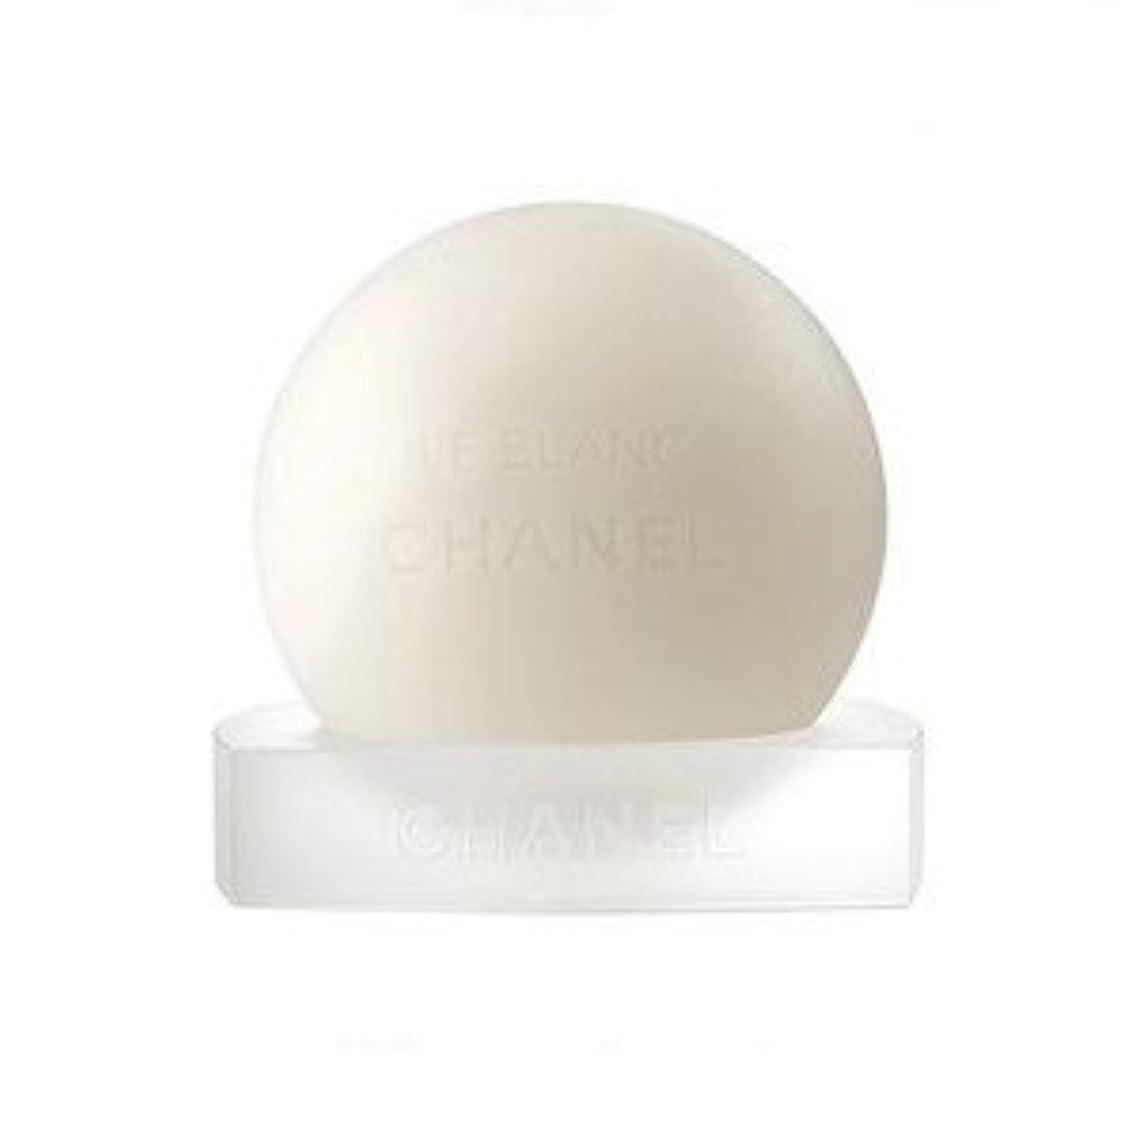 手を差し伸べる能力偽物シャネル ル ブラン ソープ 100g 洗顔石けん 限定品 アウトレット